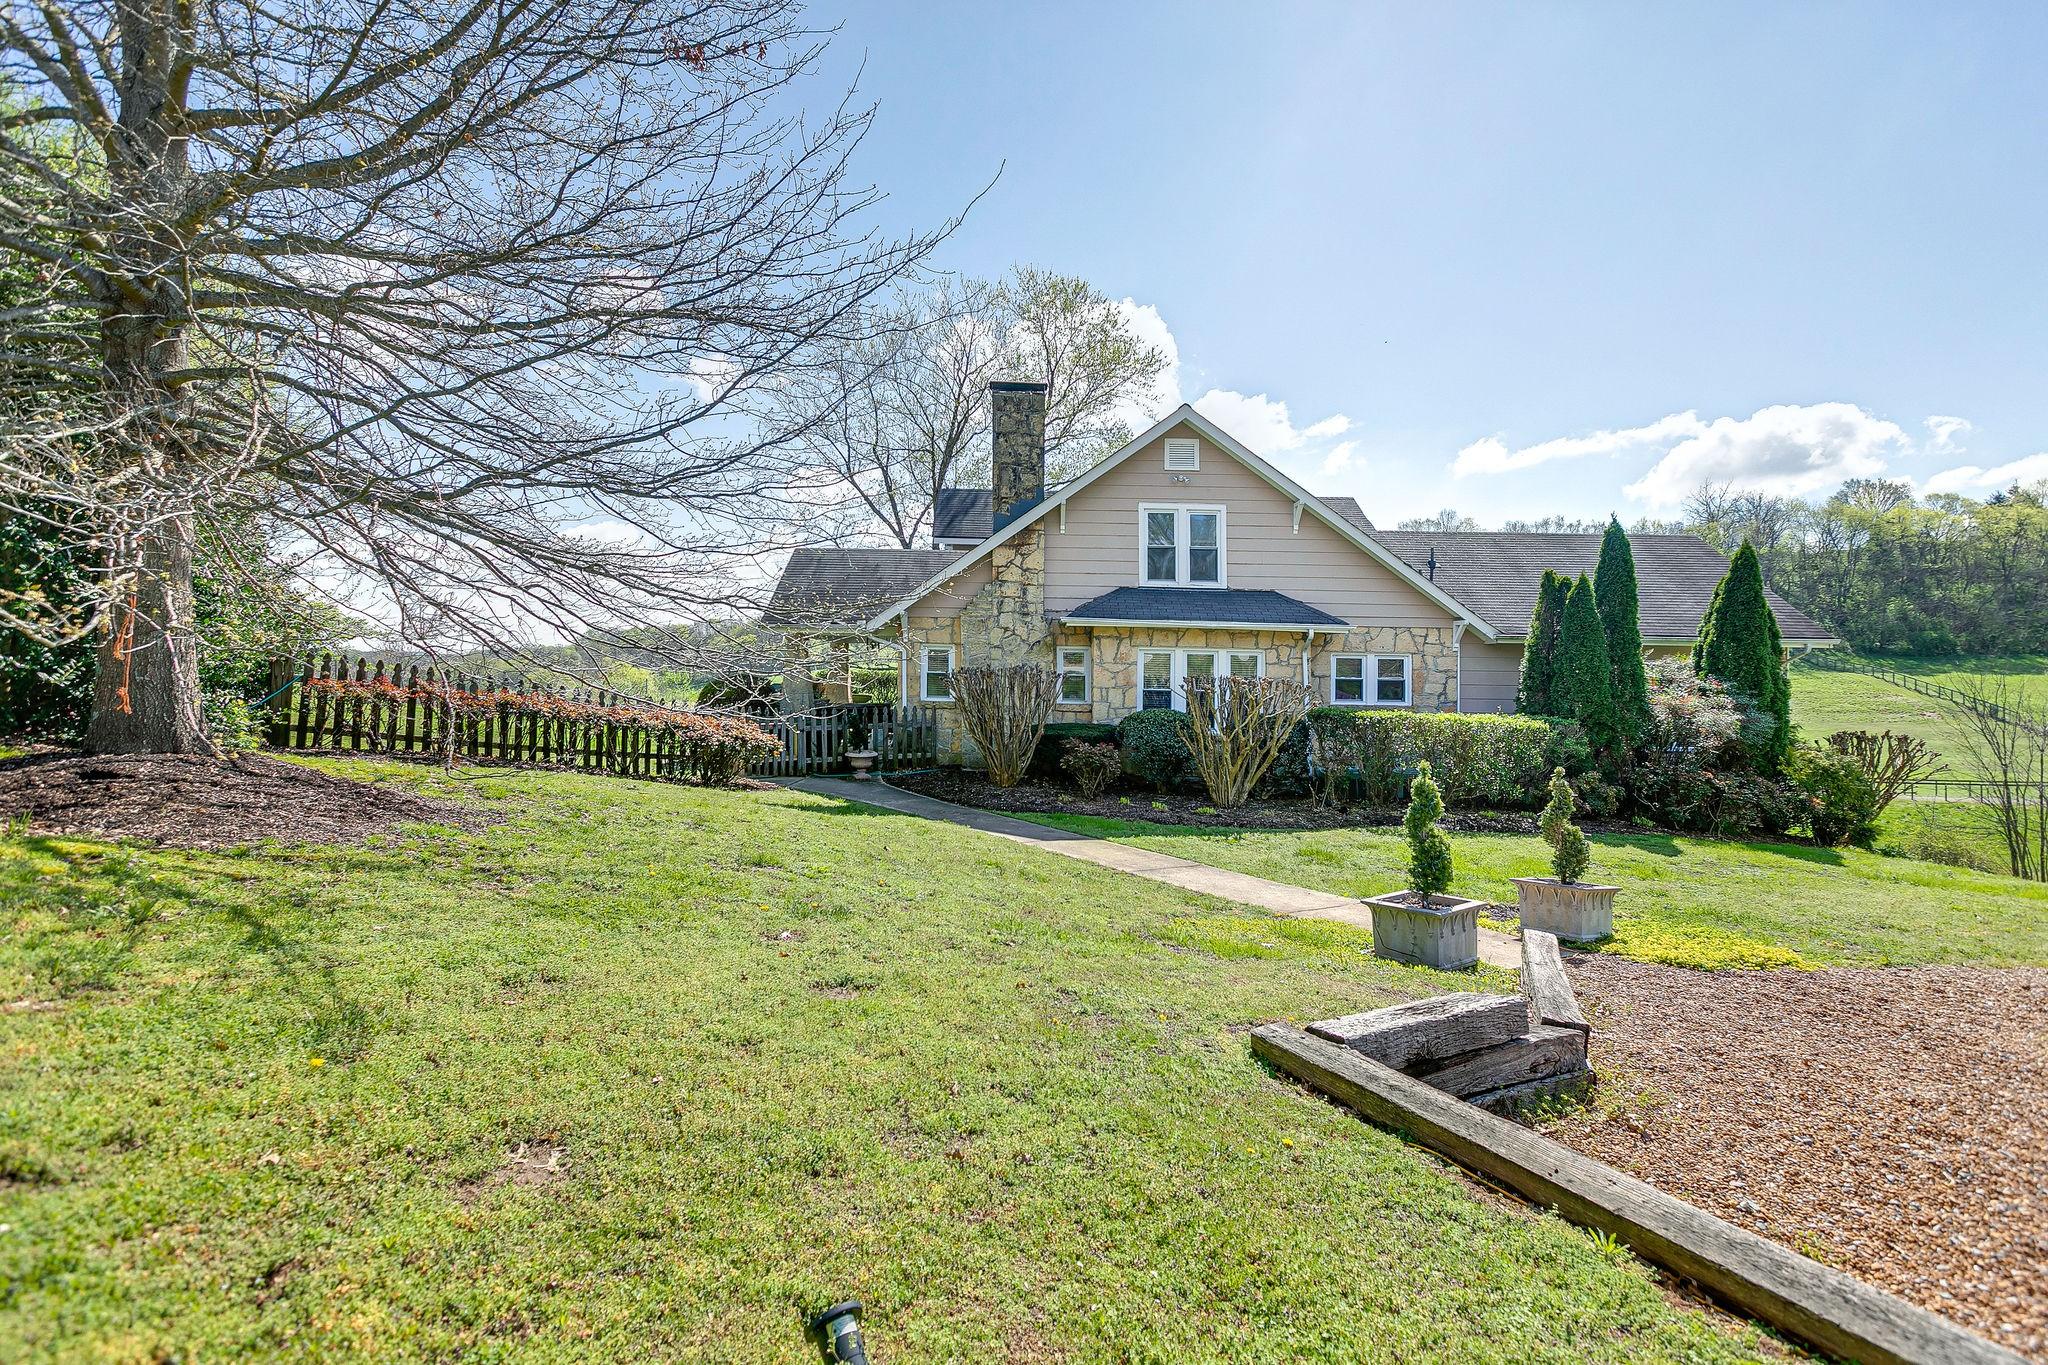 3400 Floyd Rd, Franklin, TN 37064 - Franklin, TN real estate listing